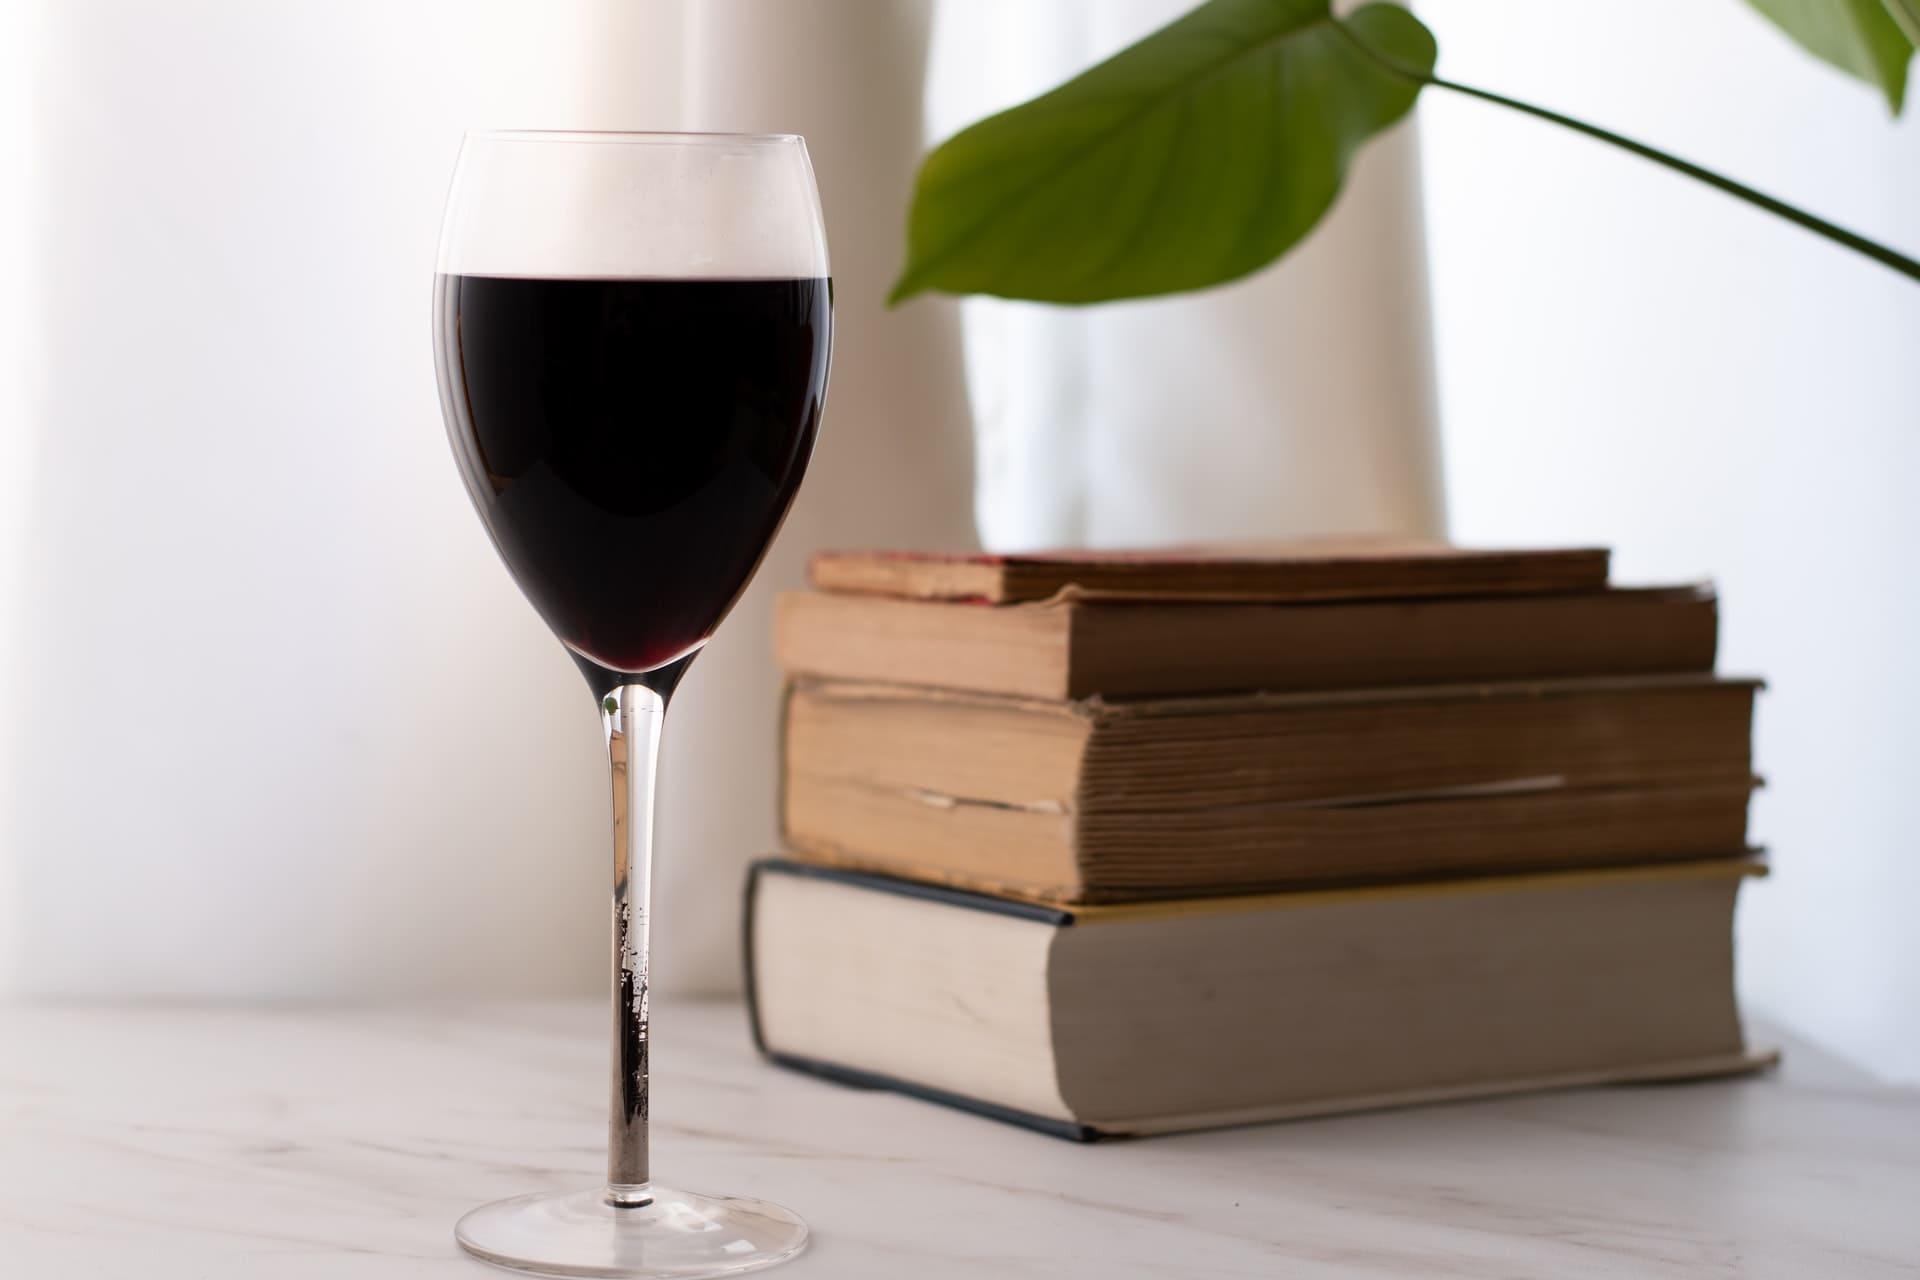 Titelbild: Jeden Tag ein Glas Wein